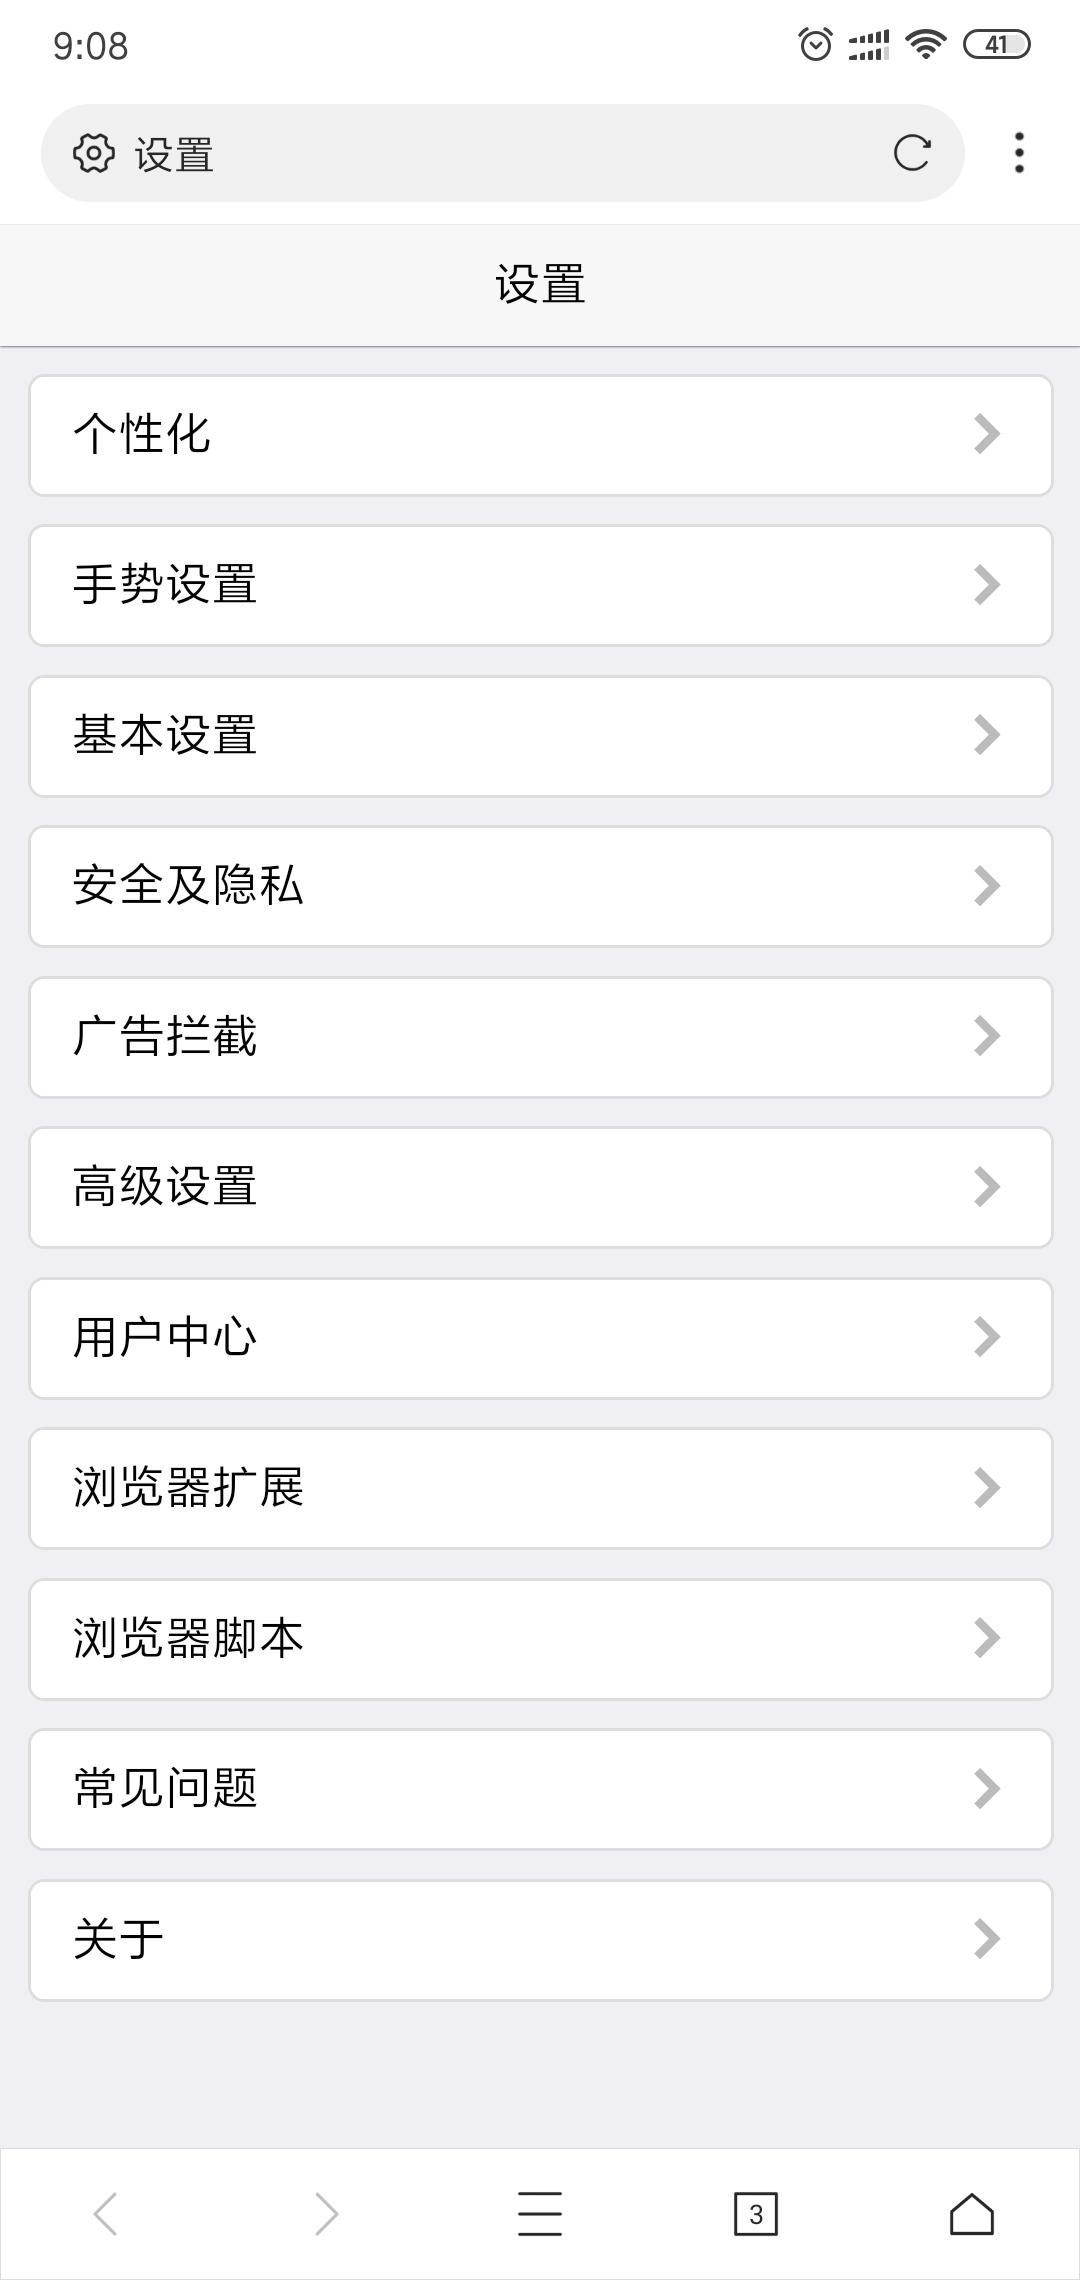 2019手机浏览器推荐 简约而不简单  第7张